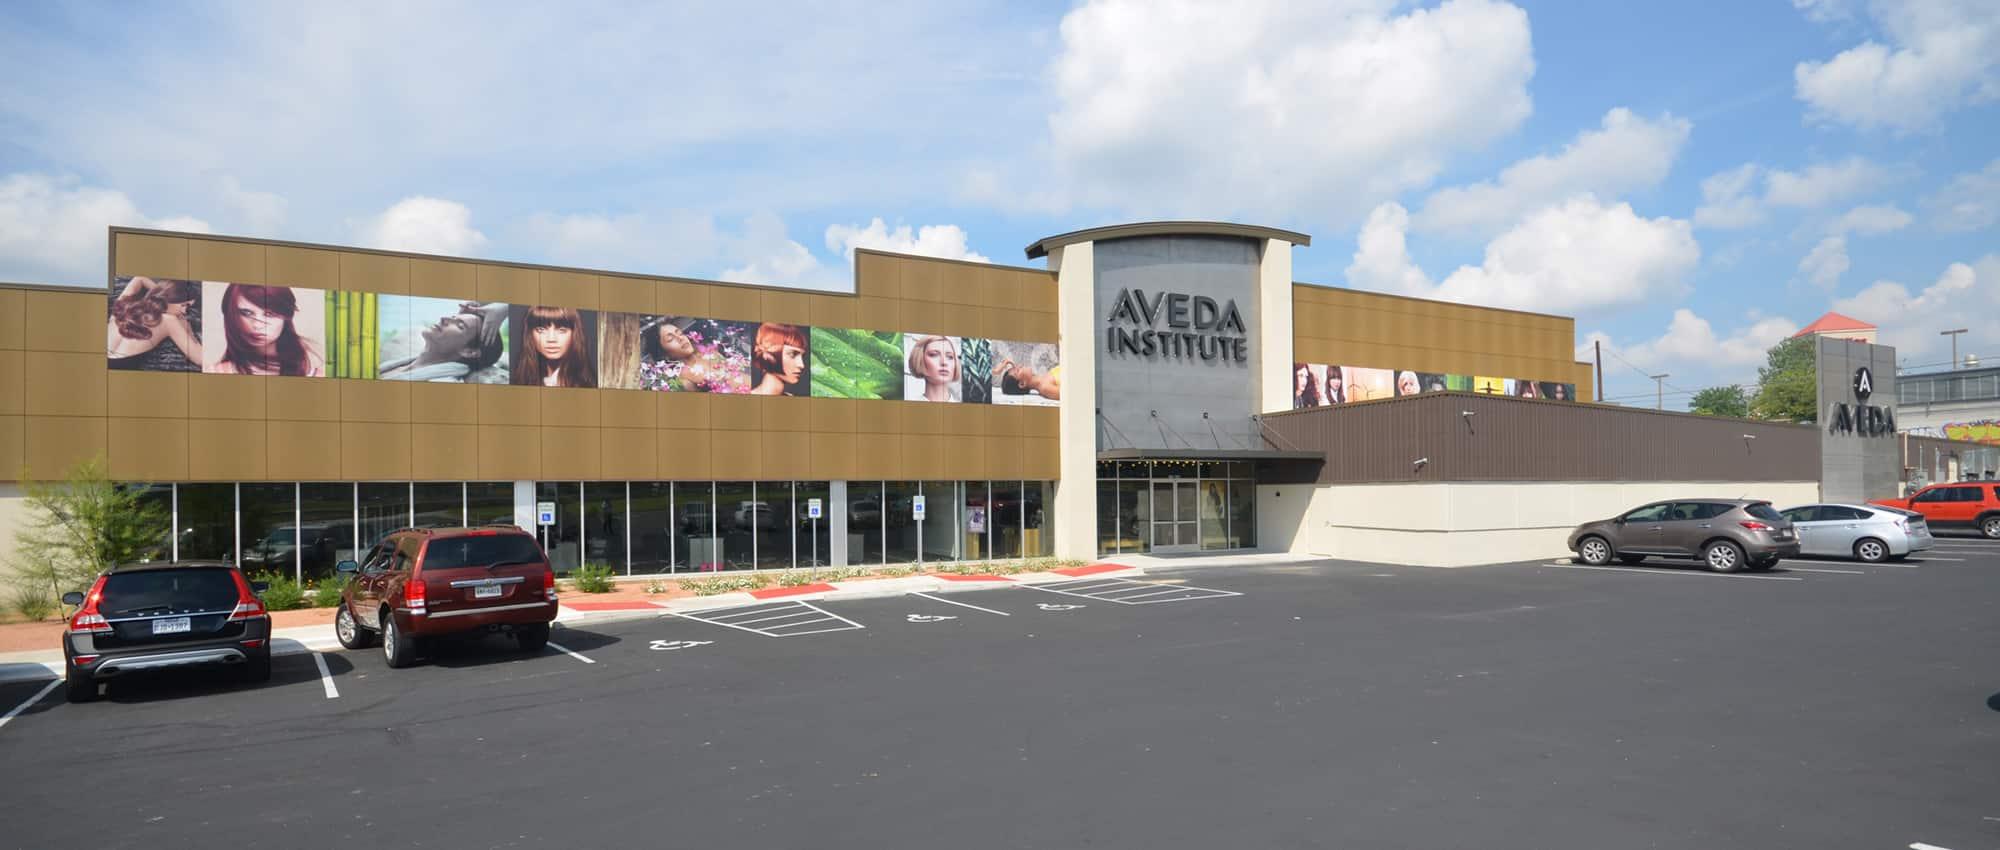 6001 Middlefiskville | Retail Redevelopment in Austin, Texas